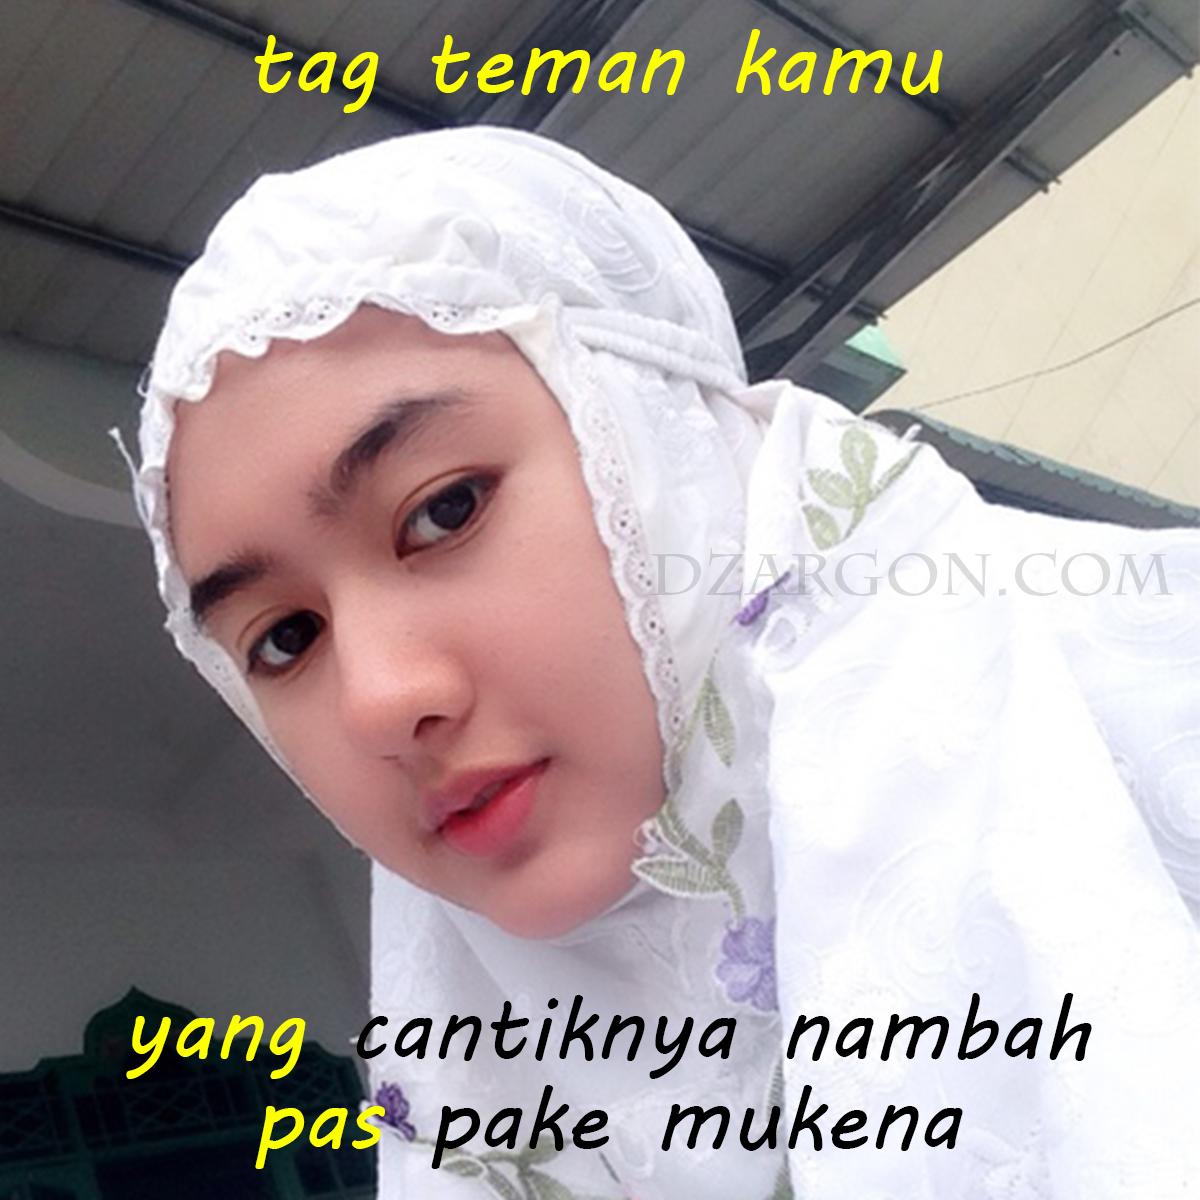 Gambar Lucu Gokil Hd Gambar Viral HD